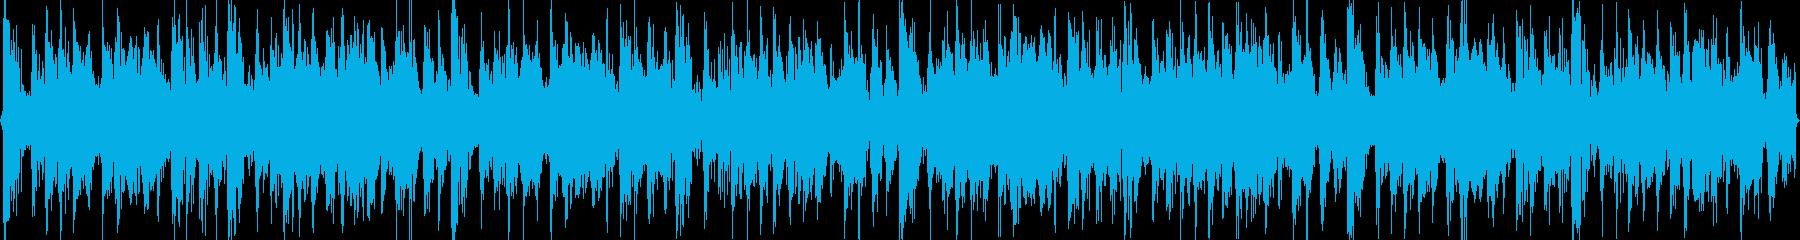 ダンストランス イベントBGMの再生済みの波形